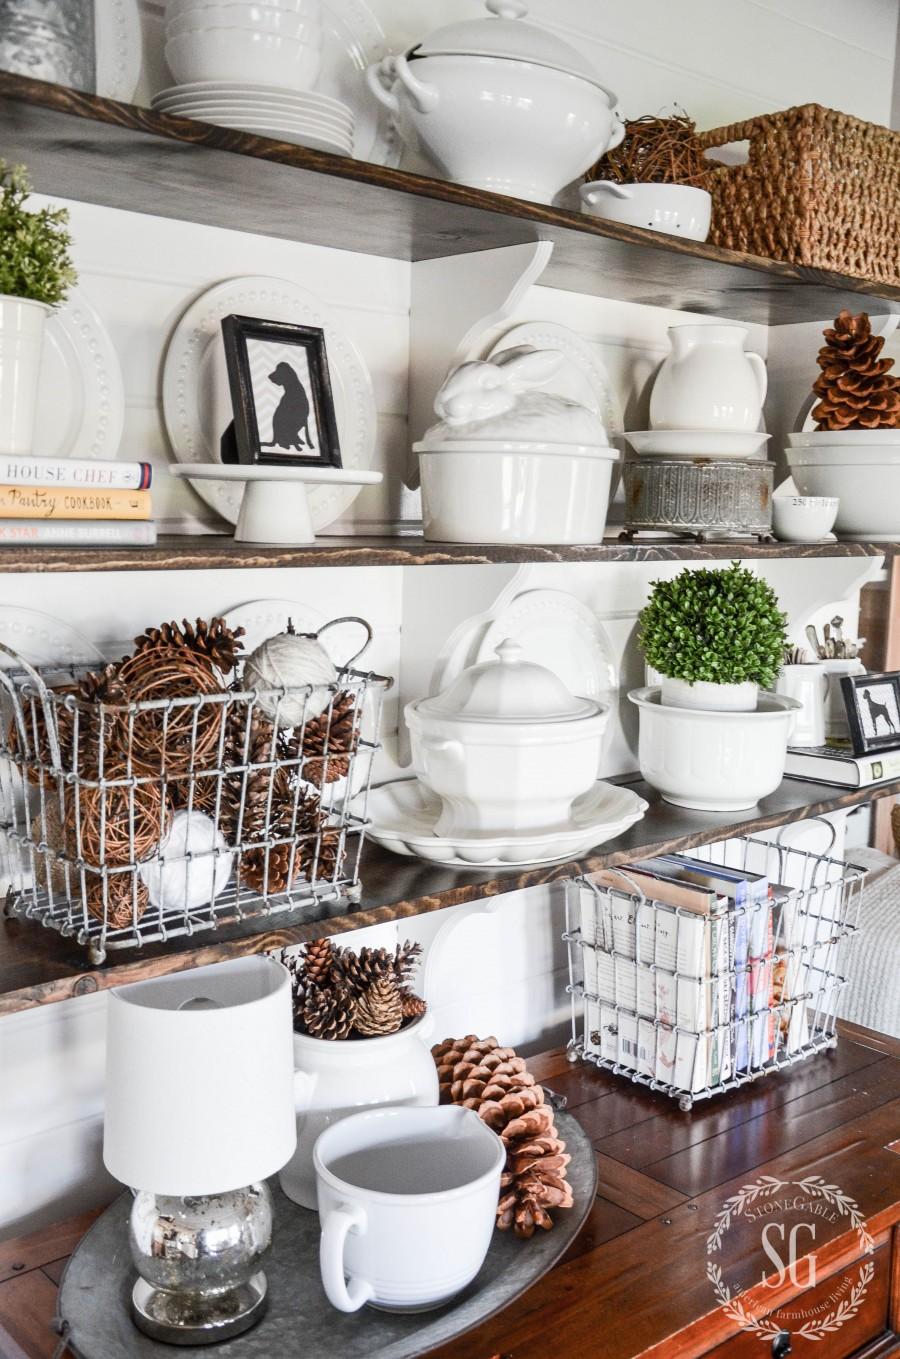 2014 Home Decor Trends Open Shelving: OPEN SHELVES IN THE BREAKFAST ROOM